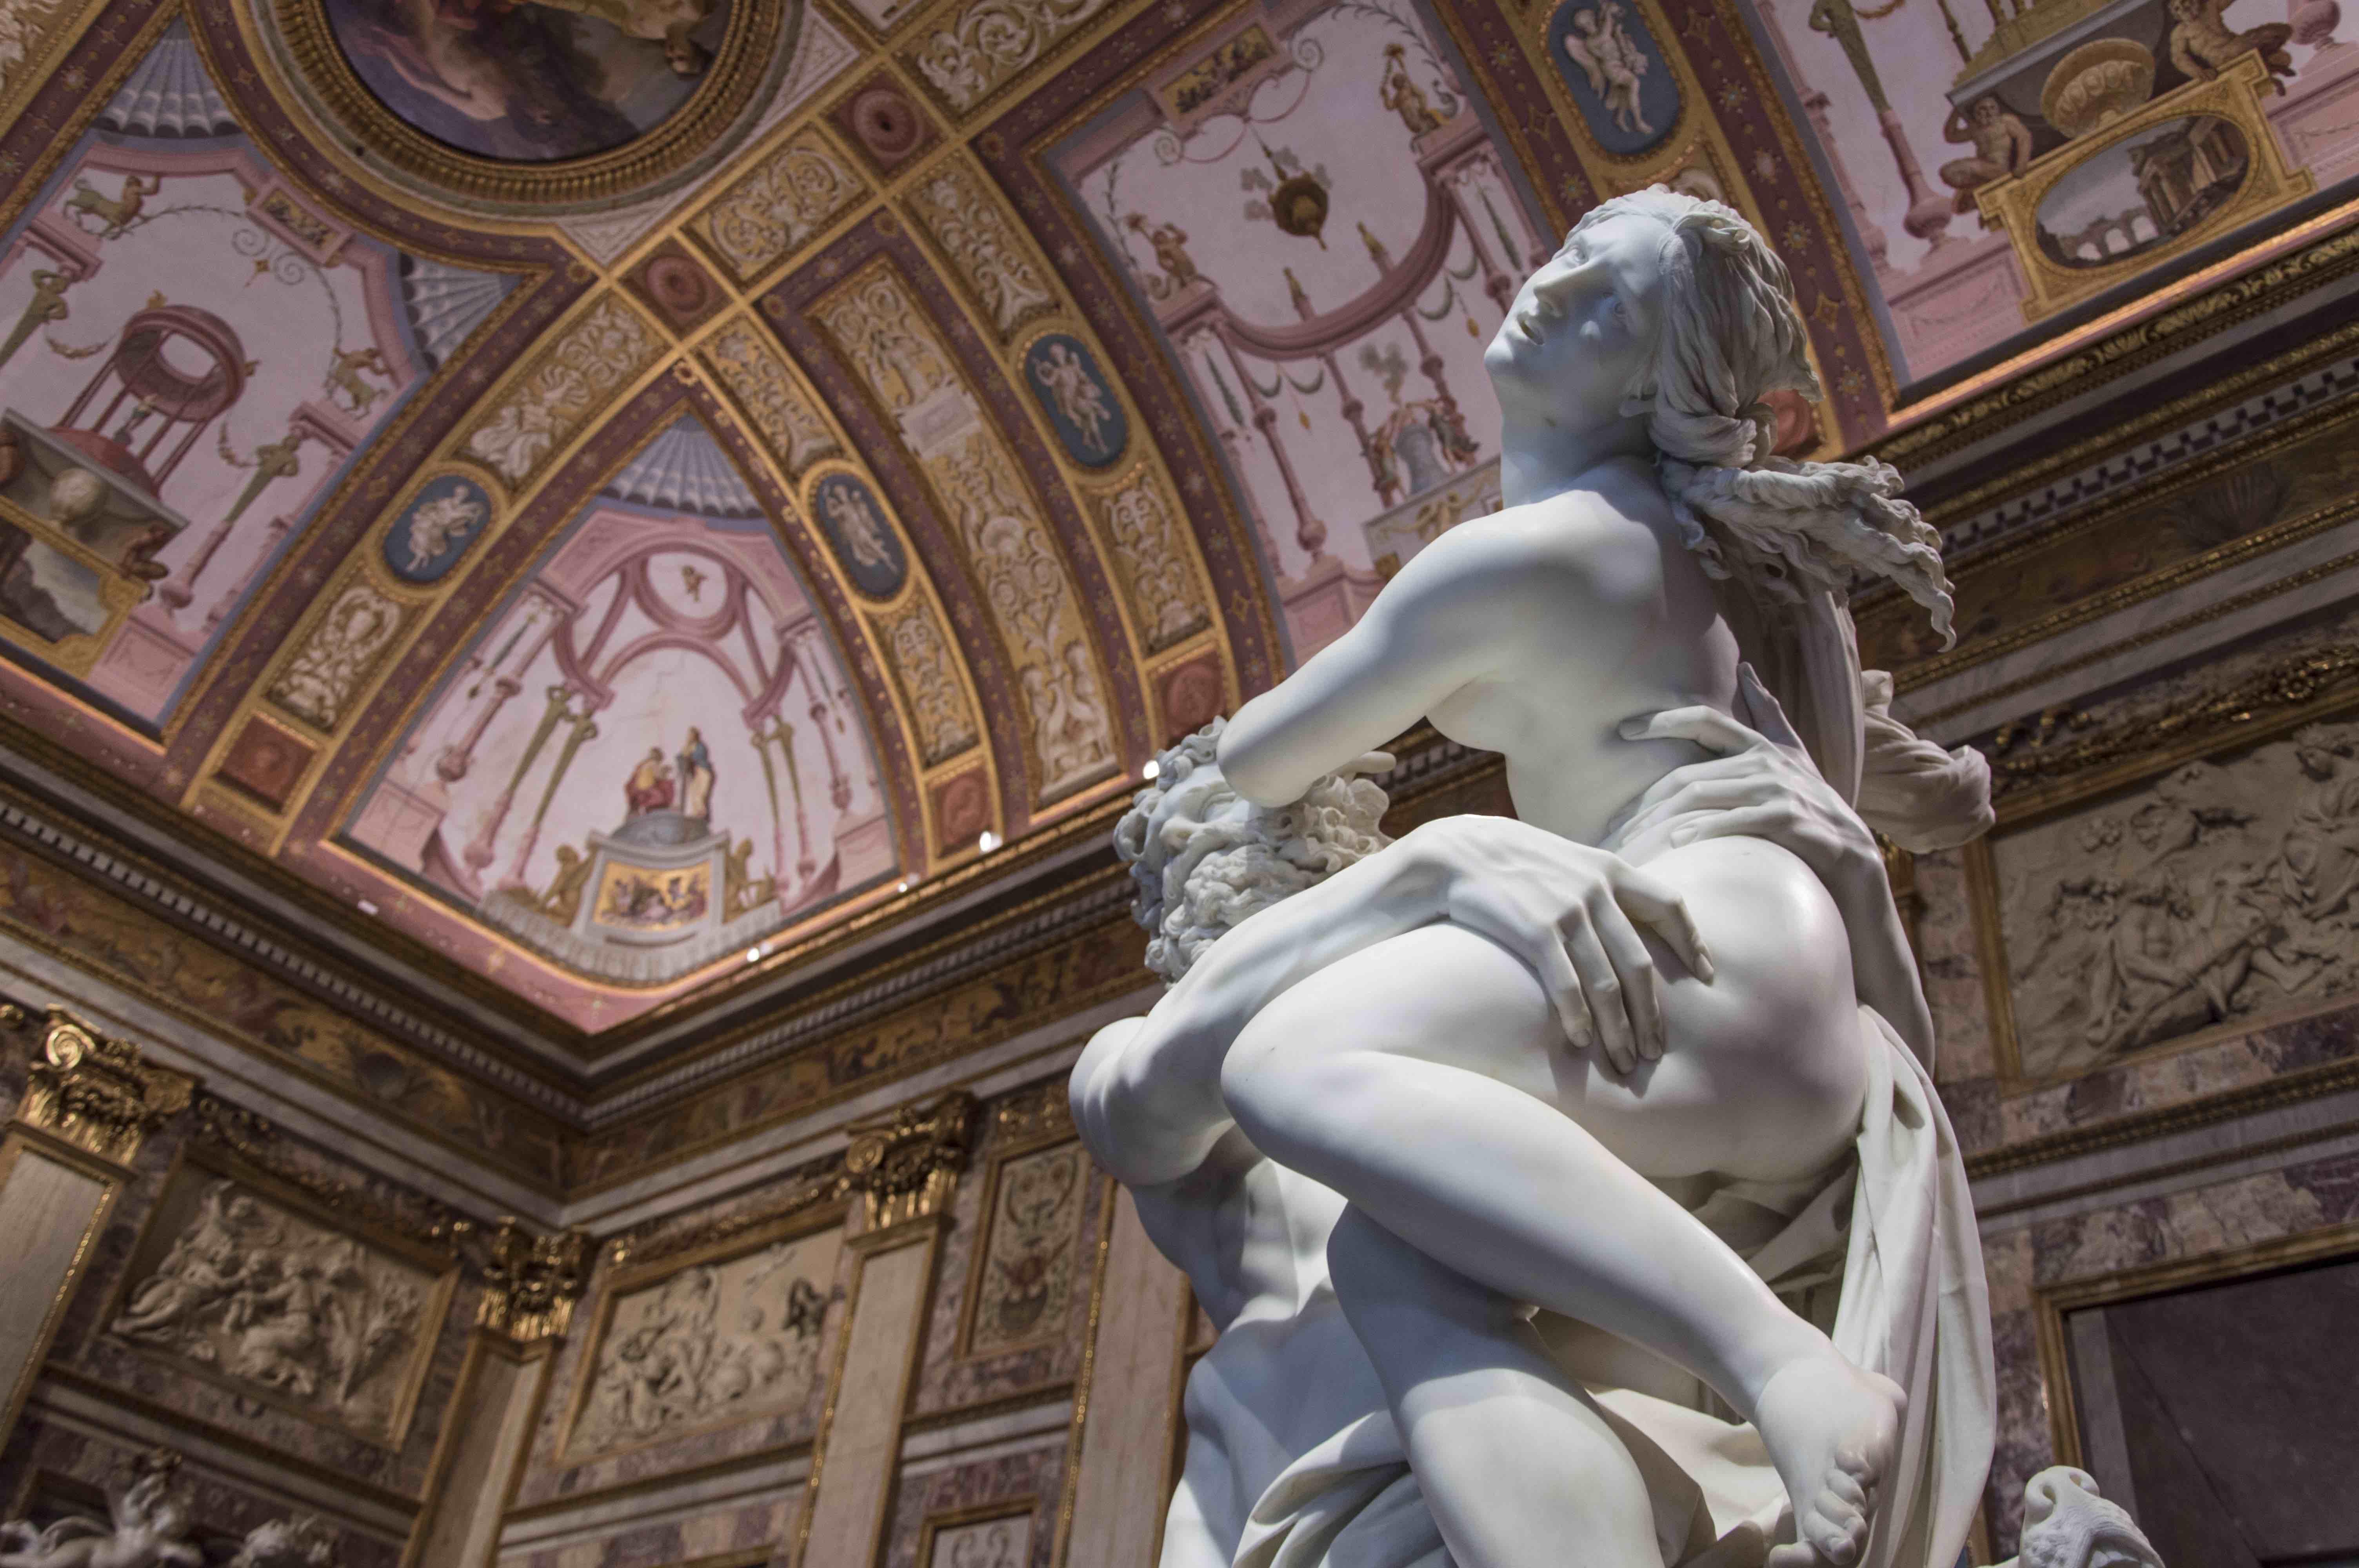 Galleria Borghese, Villa Borghese, Roma, Gianlorenzo Bernini, Pietro Bernini, Anna Coliva, Andrea Bacchi, Ratto di Proserpina, Bernini, Roma, Marmo, Scultura, gruppi borghesiani, mostra